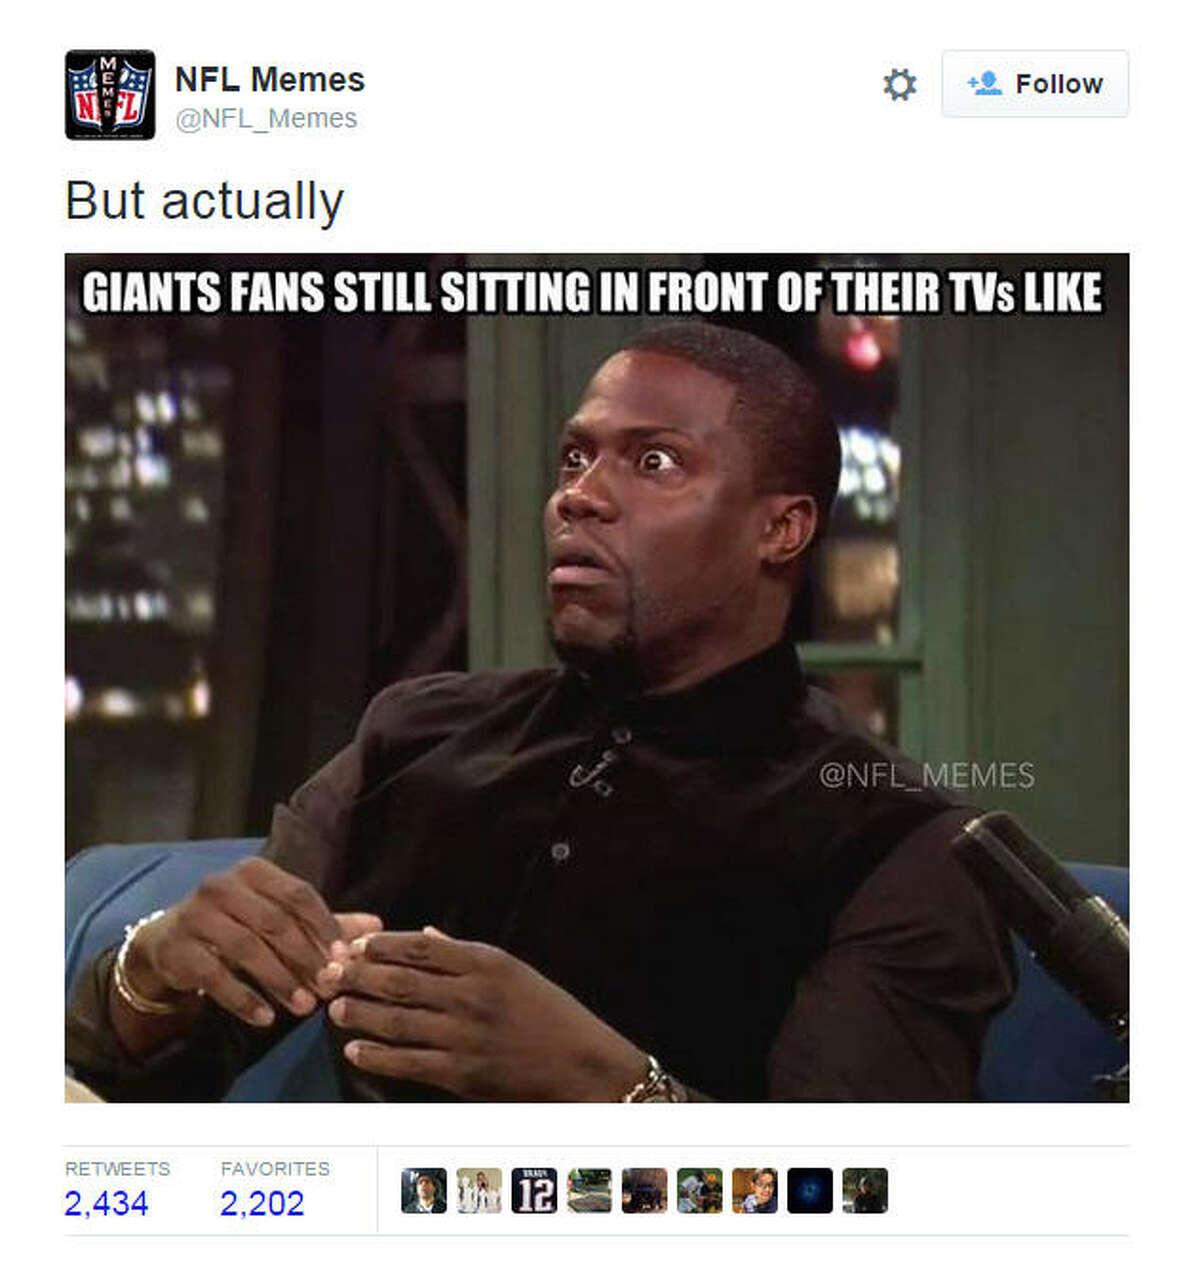 September 13 New York Giants vs. Dallas Cowboys 26-27 @NFL_Memes